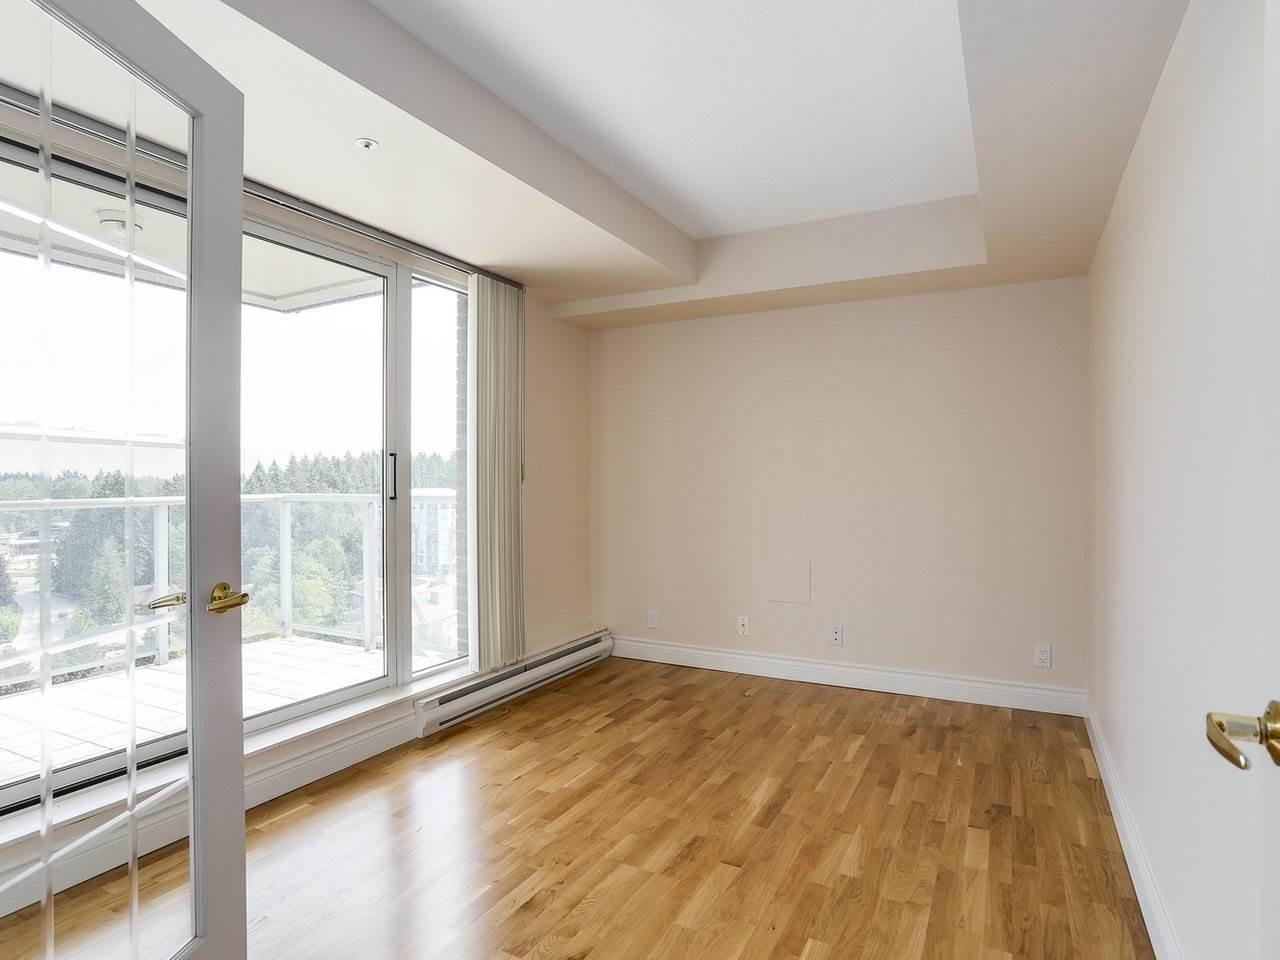 Condo Apartment at 1704 5775 HAMPTON PLACE, Unit 1704, Vancouver West, British Columbia. Image 14